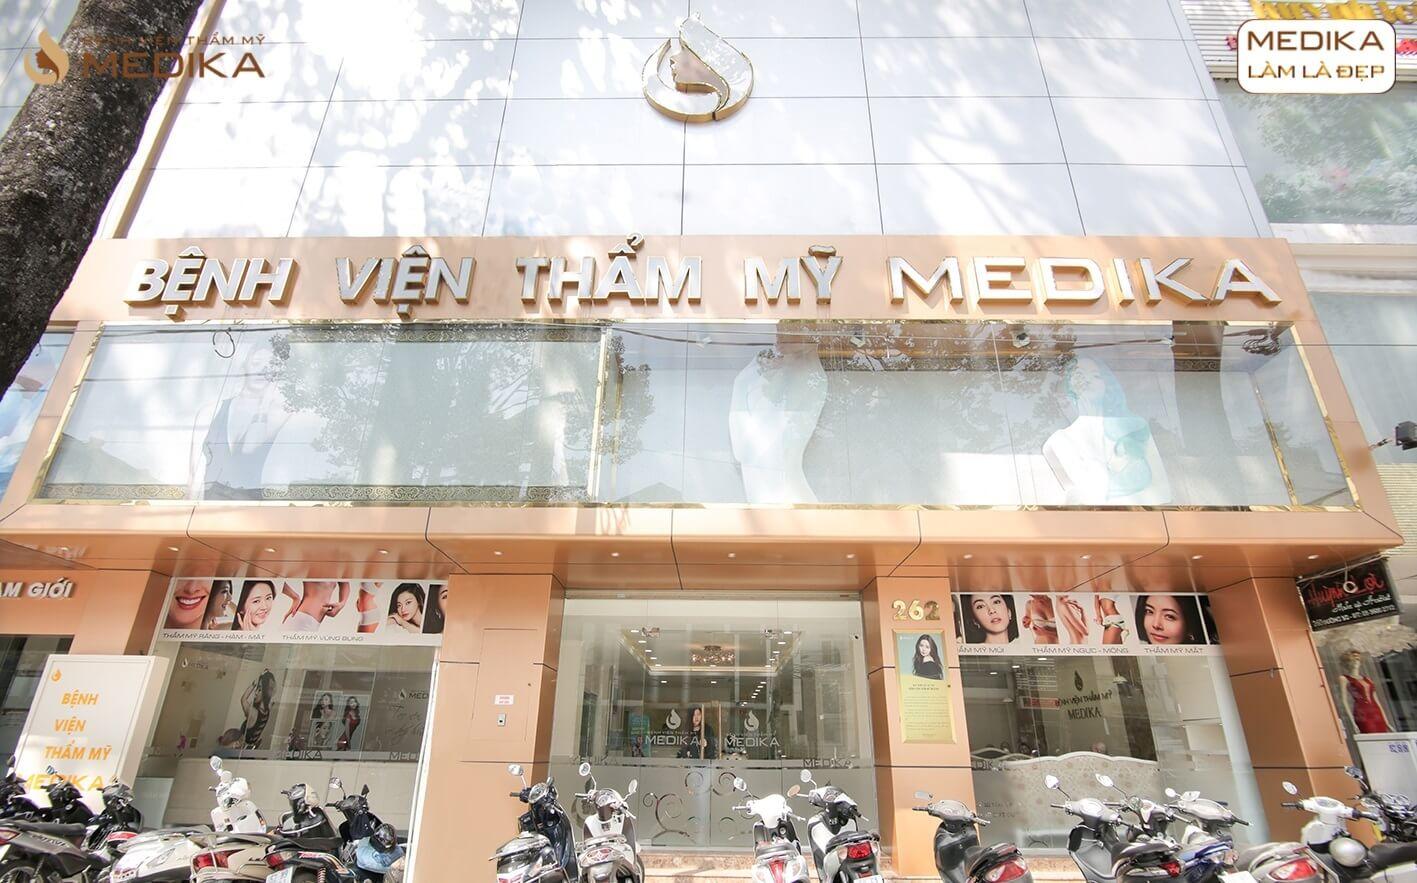 MEDIKA - Top 6 bệnh viện thẩm mỹ chất lượng nhất tại TP. Hồ Chí Minh Cơ sở vật chất